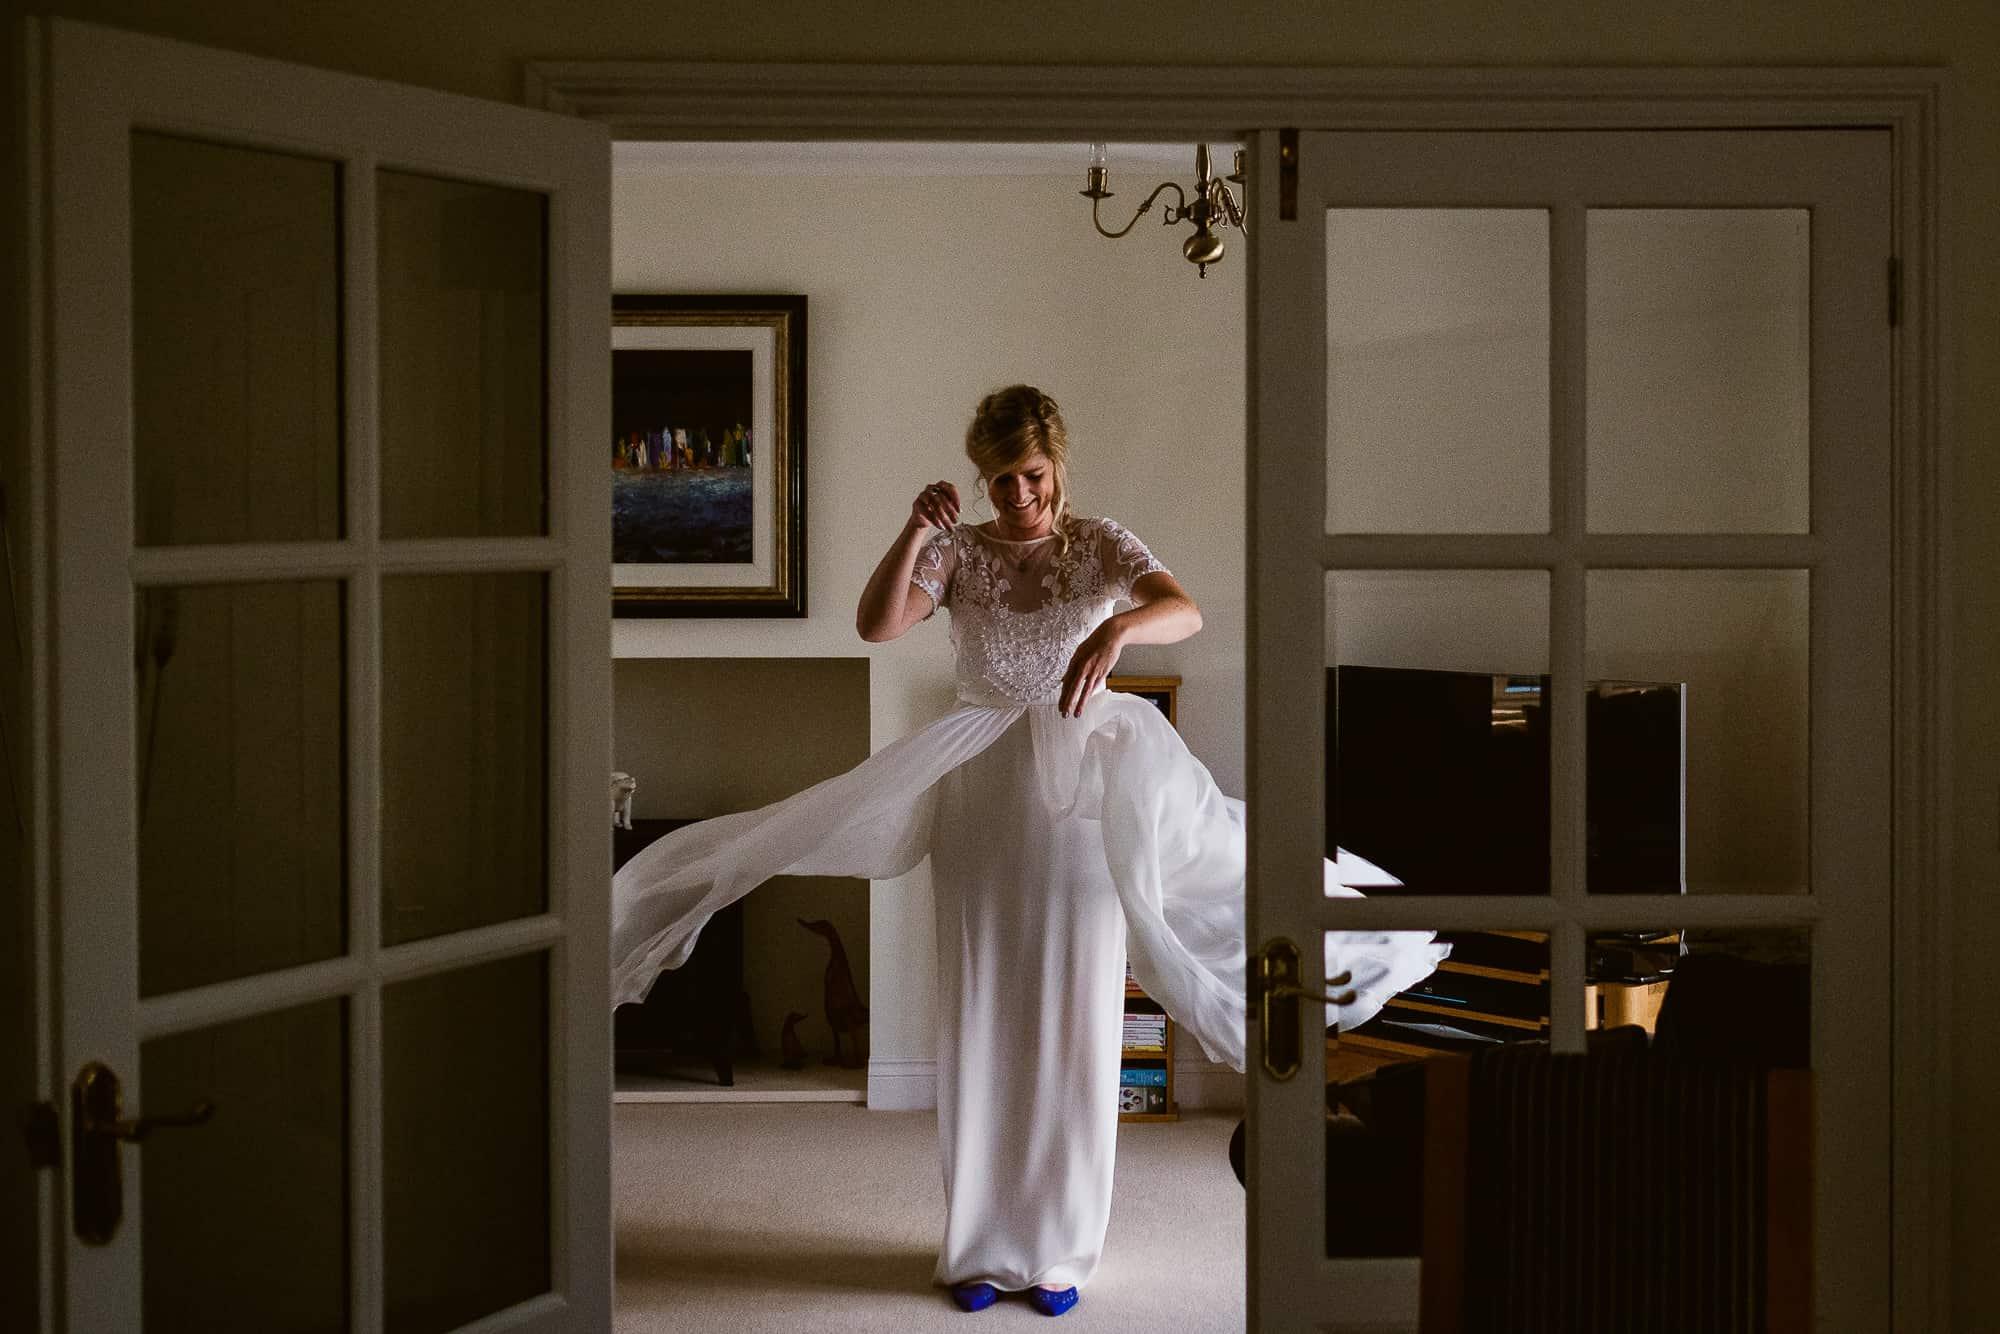 east-quay-wedding-photography-matt-tyler-0010